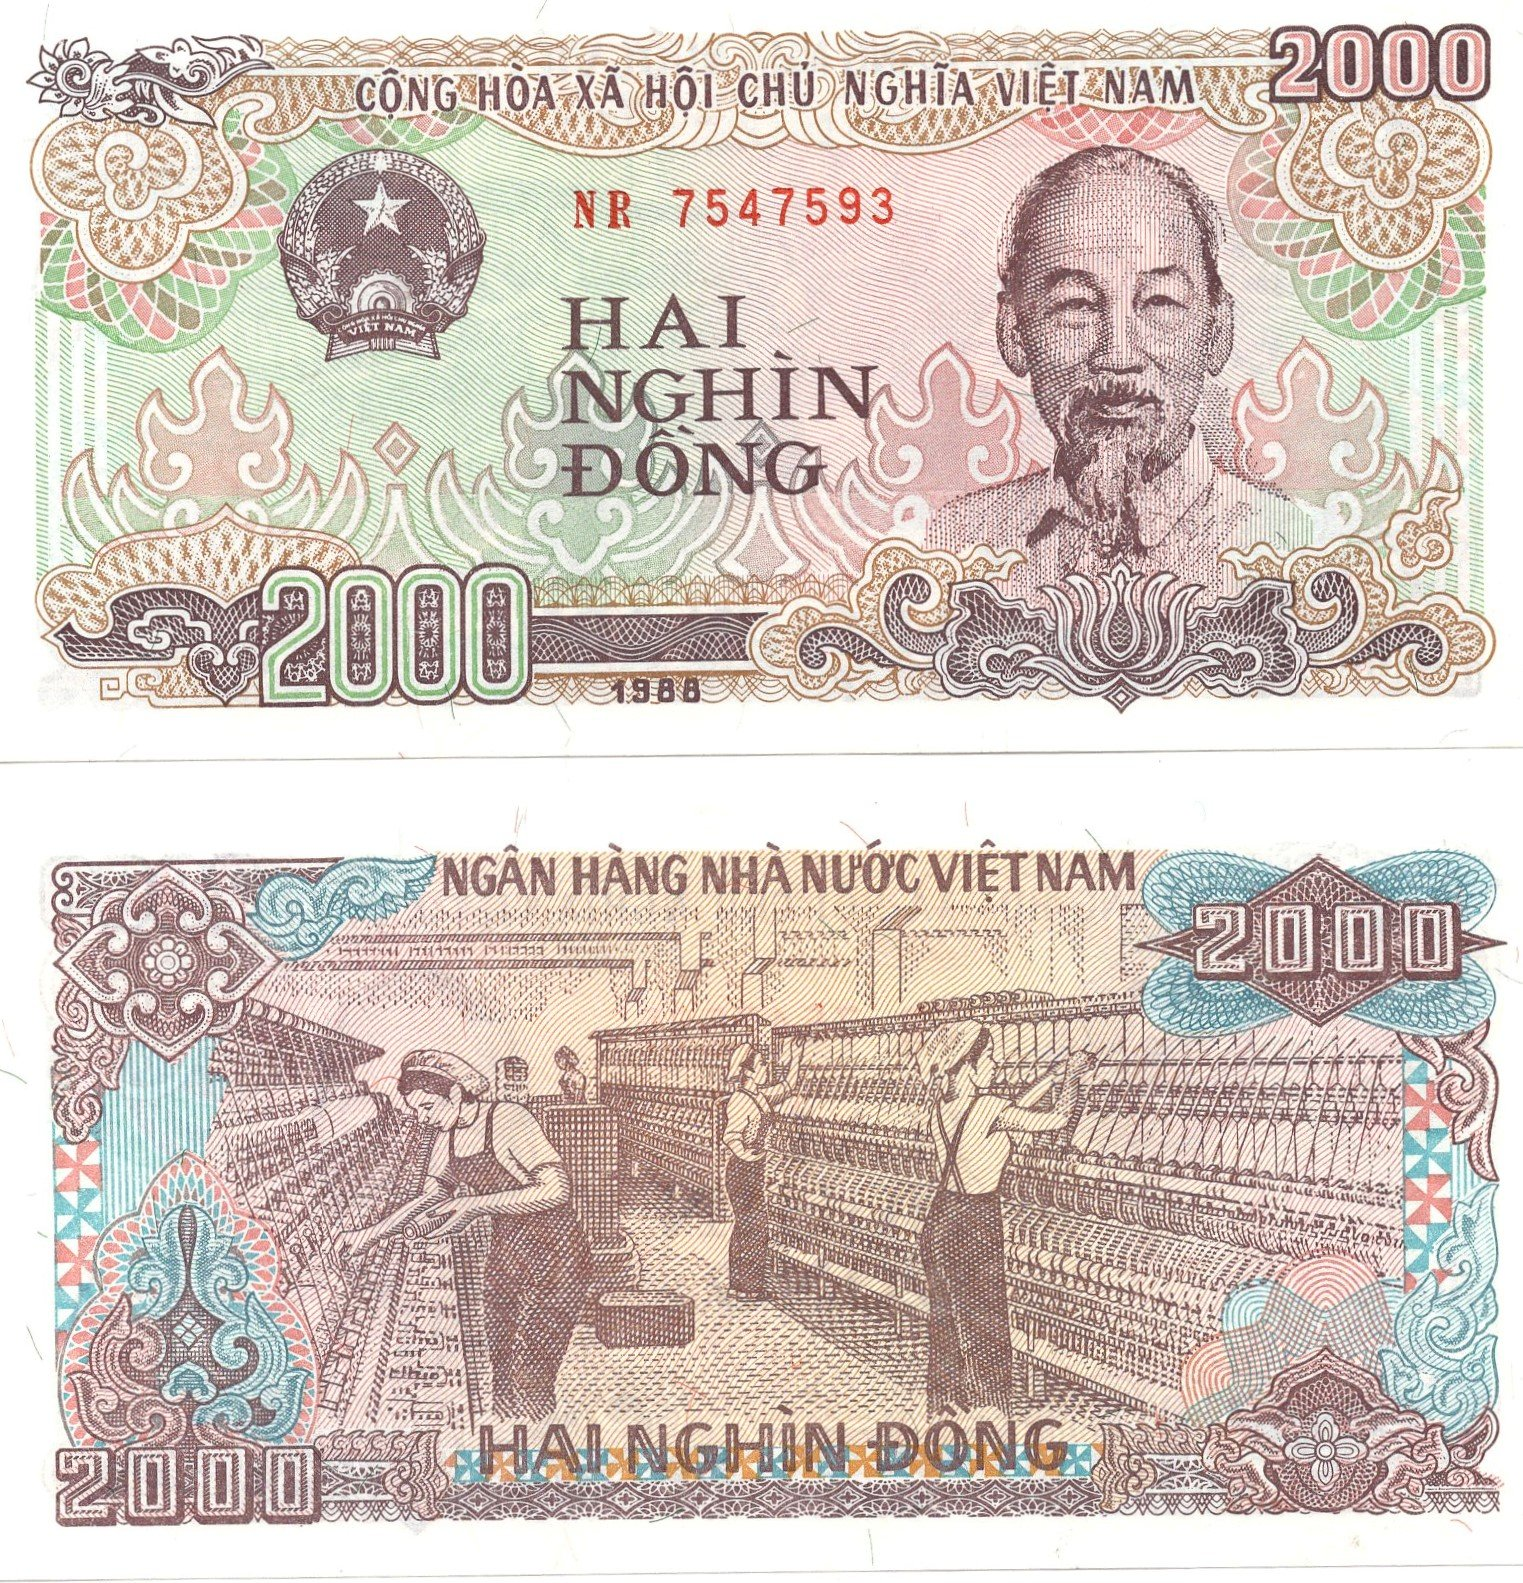 Vietnam 2000 dong 1988